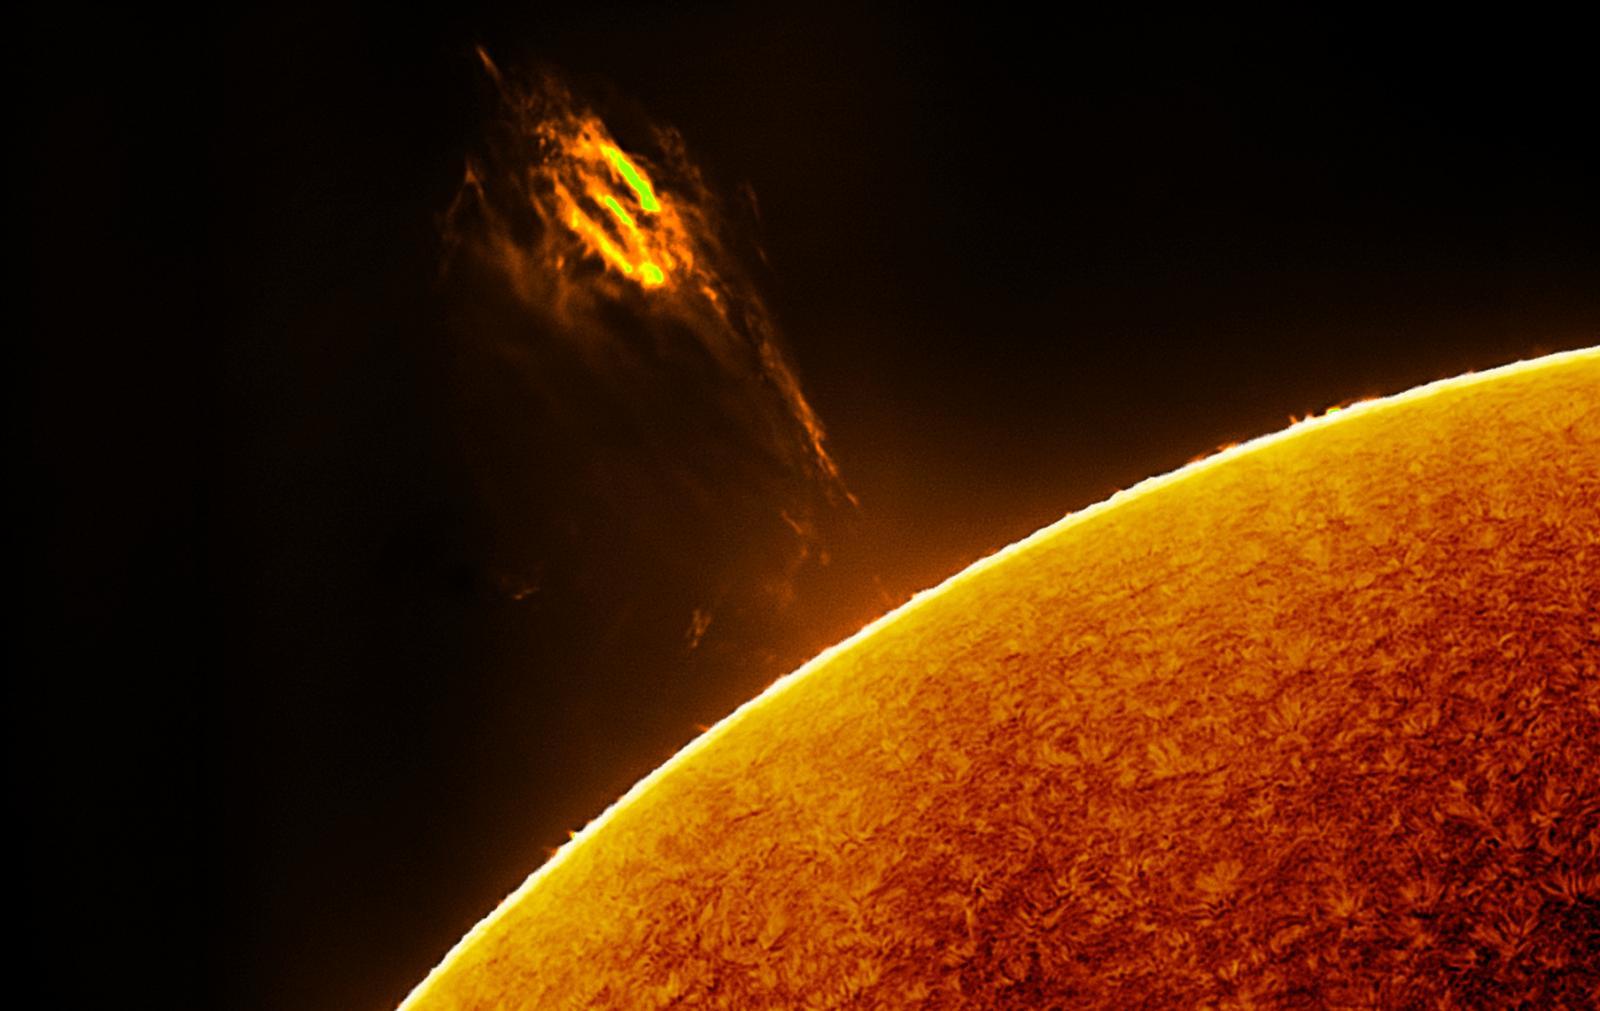 Solar H-Alpha_101955_2015-04-28B.jpg